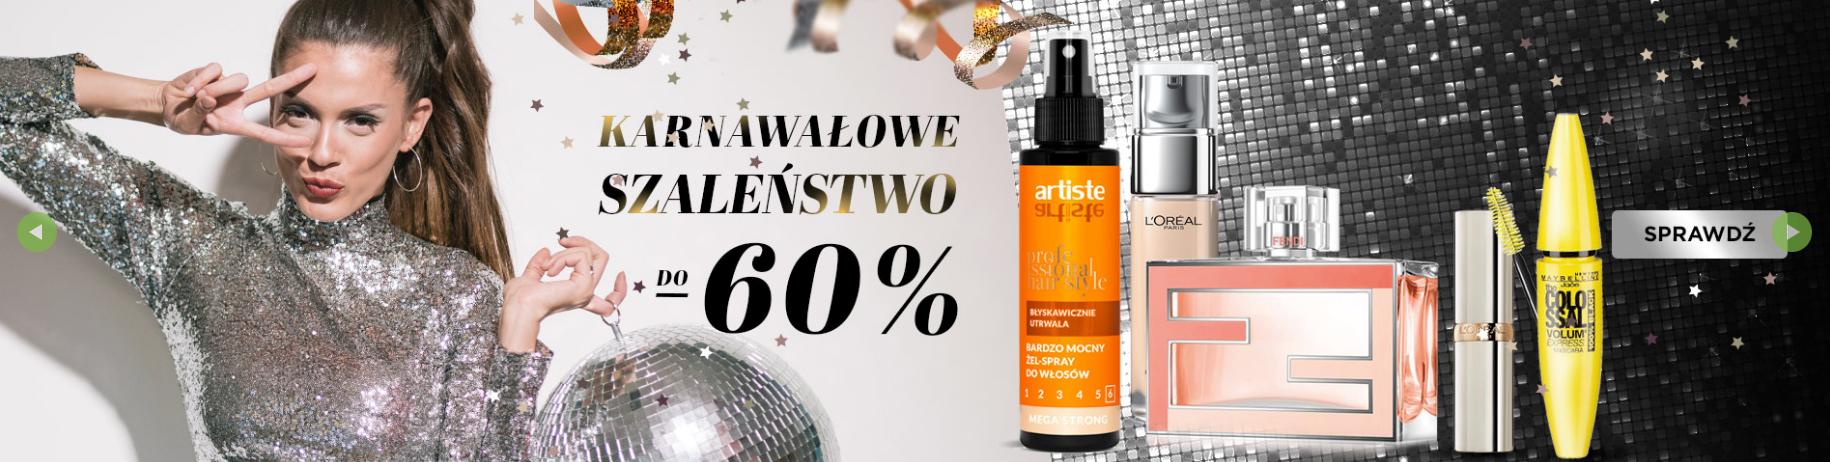 Drogerie Natura: 60% zniżki na kosmetyki do makijażu, pielęgnacji ciała oraz zapachy